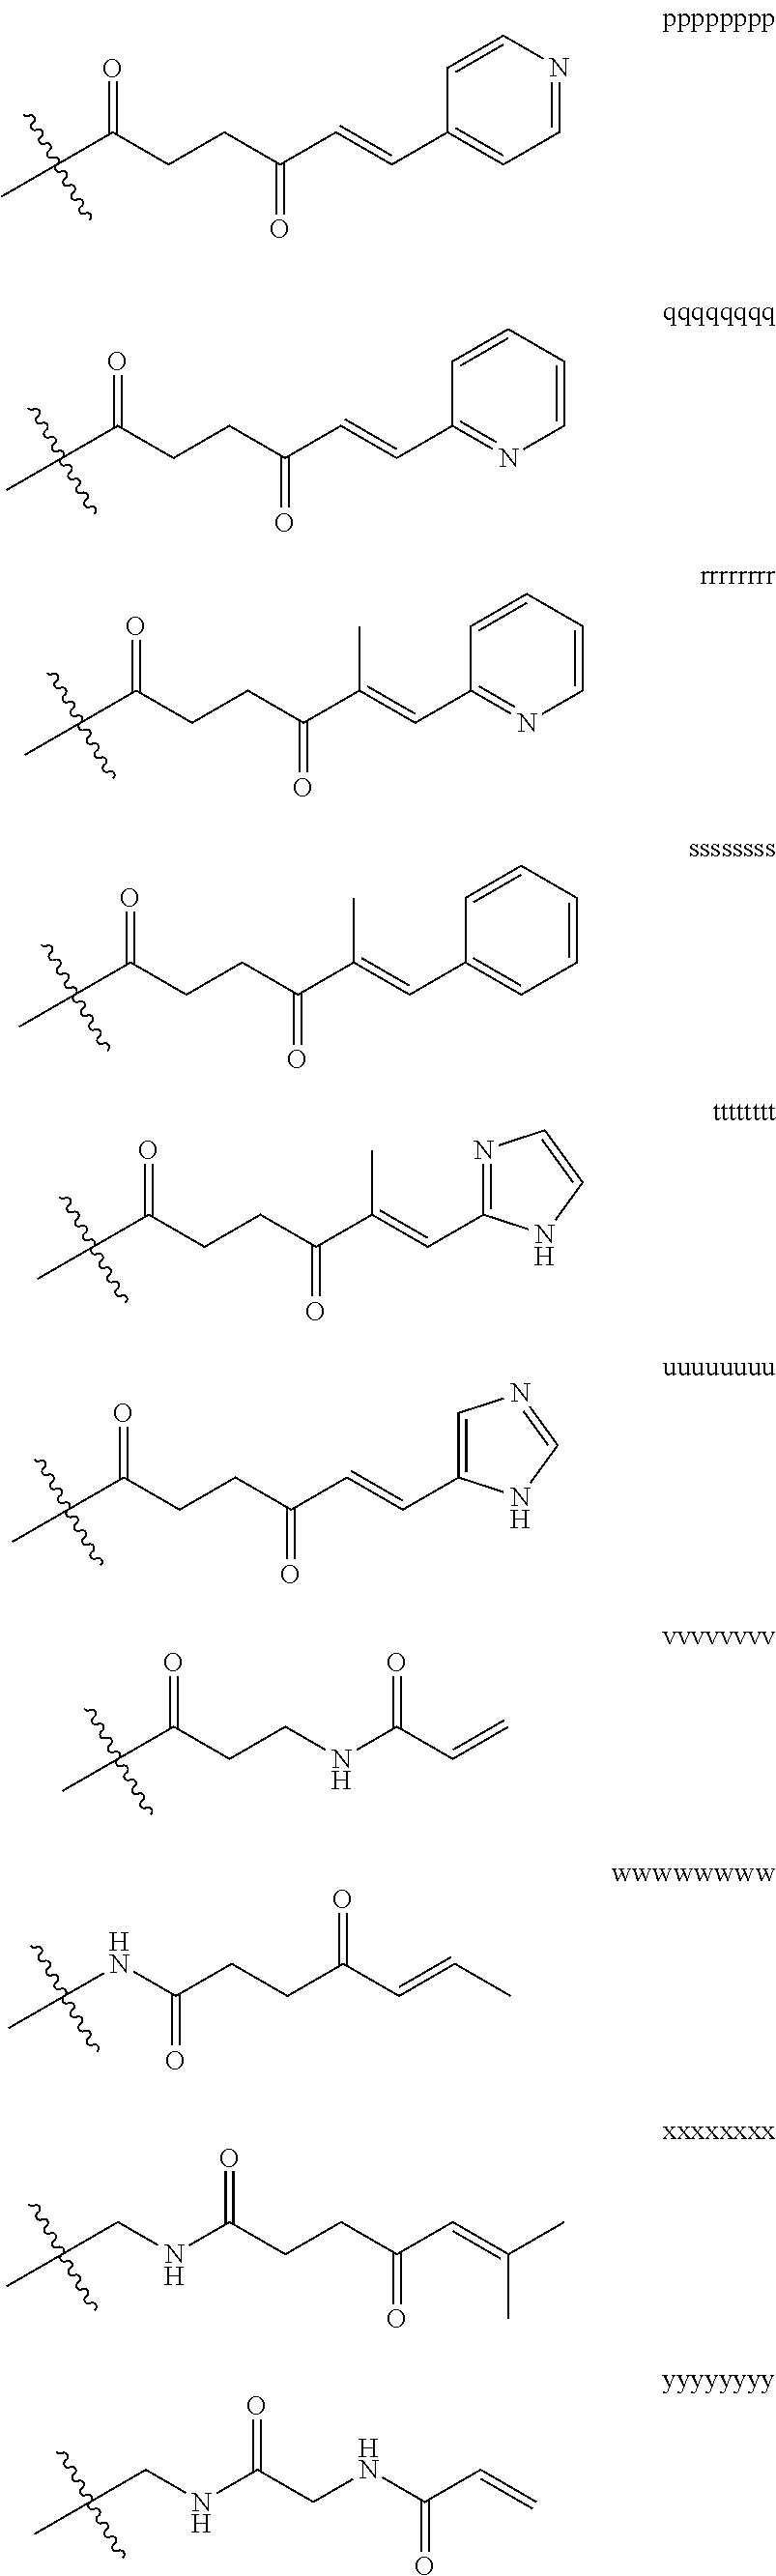 Figure US09561228-20170207-C00428